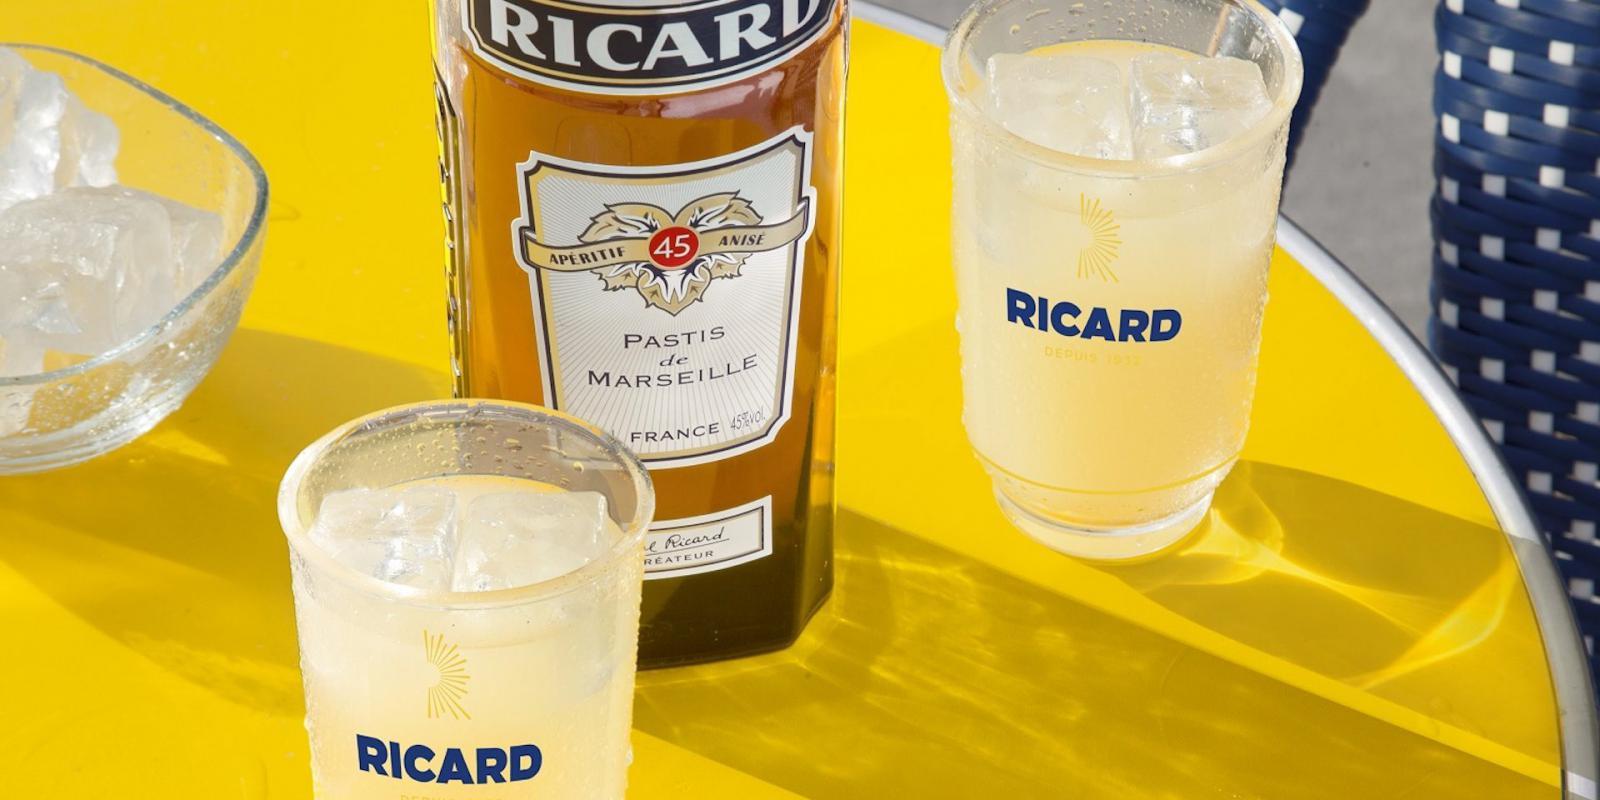 Image représentant le produit Ricard en grand format, pour mieux voir le produit.